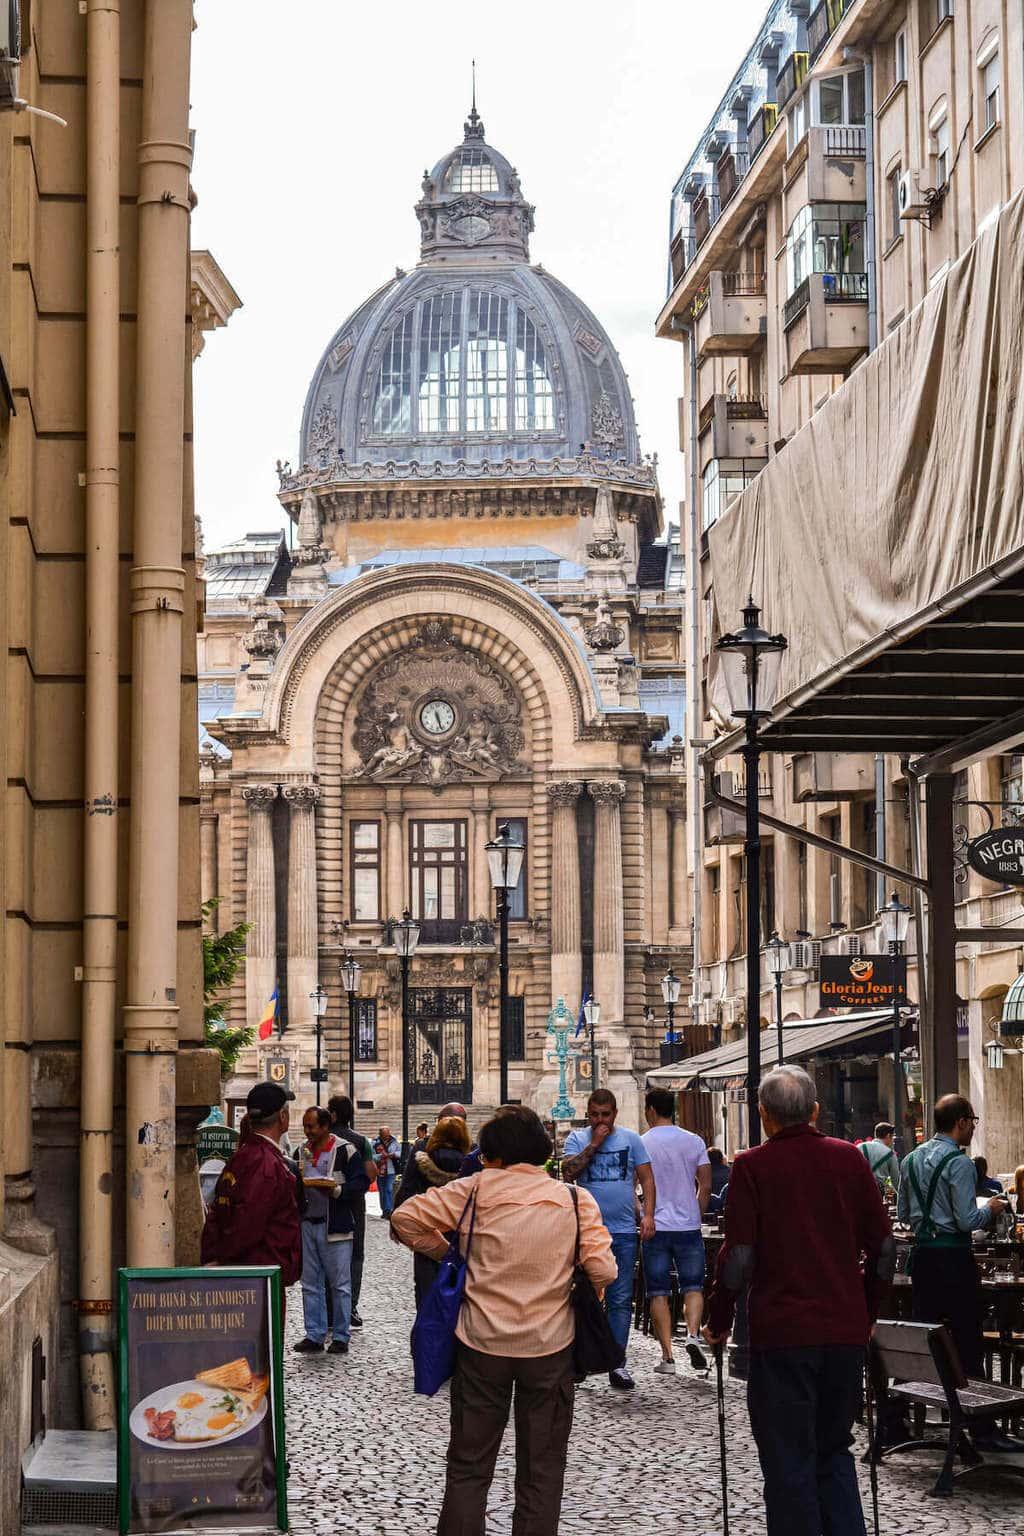 palatul-cec-centrul-vechi-bucuresti-turist-vizita-locul-de-la-geam